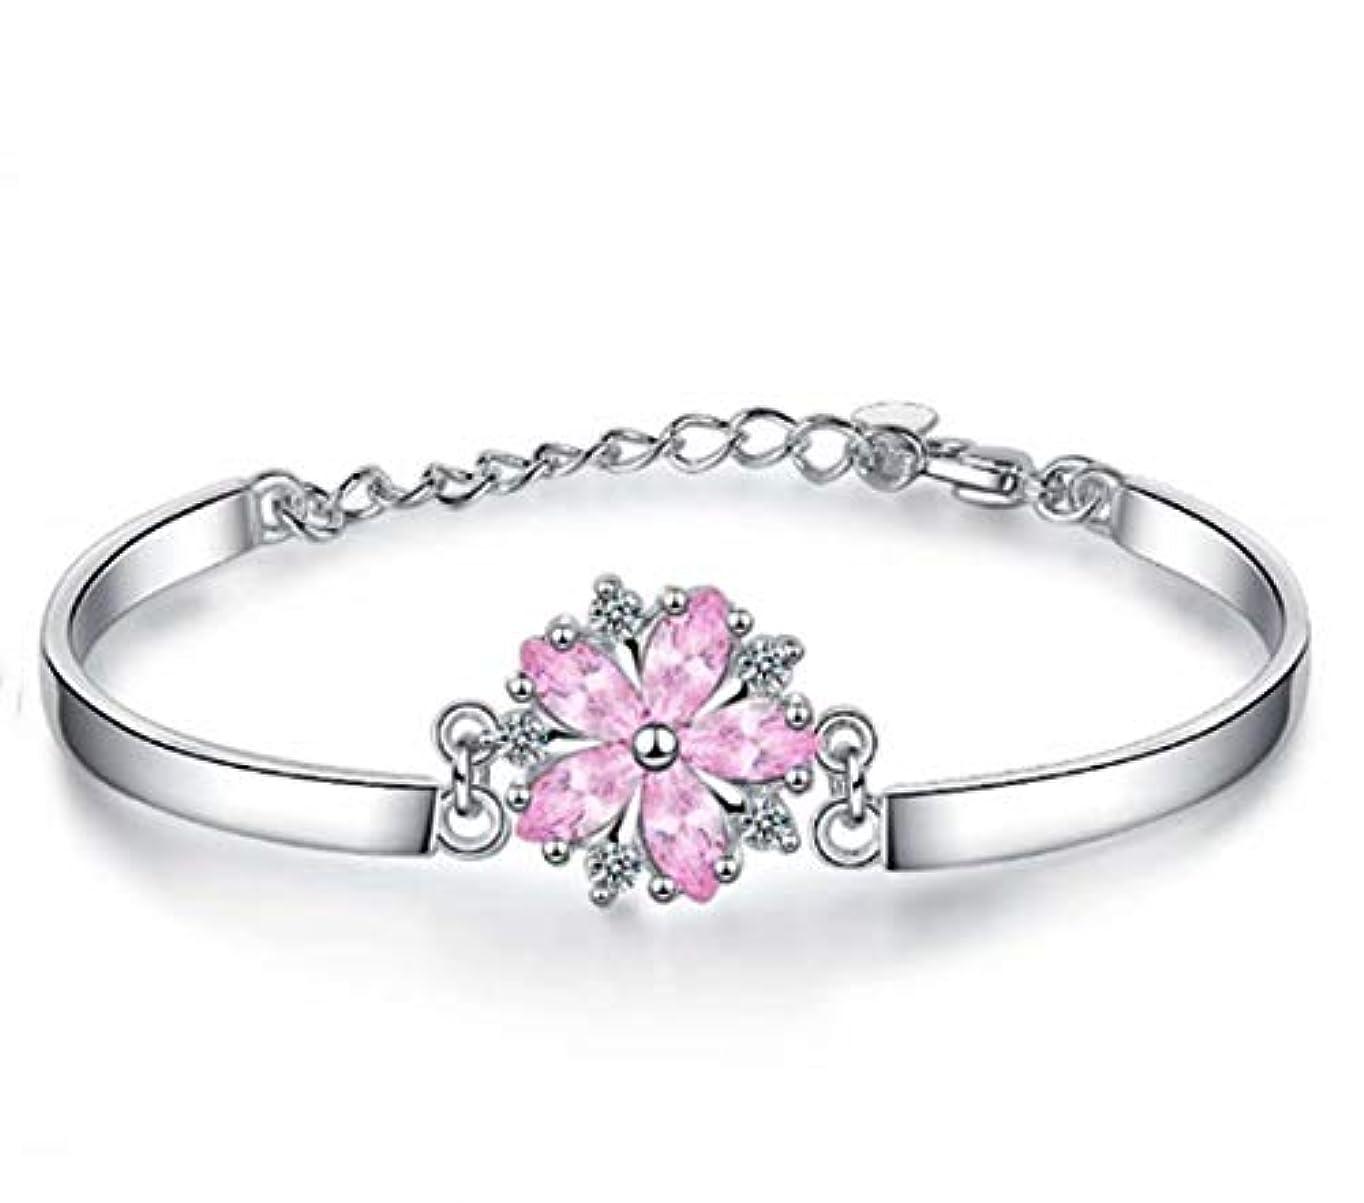 船員ハッピーパンダ七里の香 サクラブレスレットレディース フラワー 桜の花 ピンク腕輪 バングル 花びら ギフト 長さ調整可